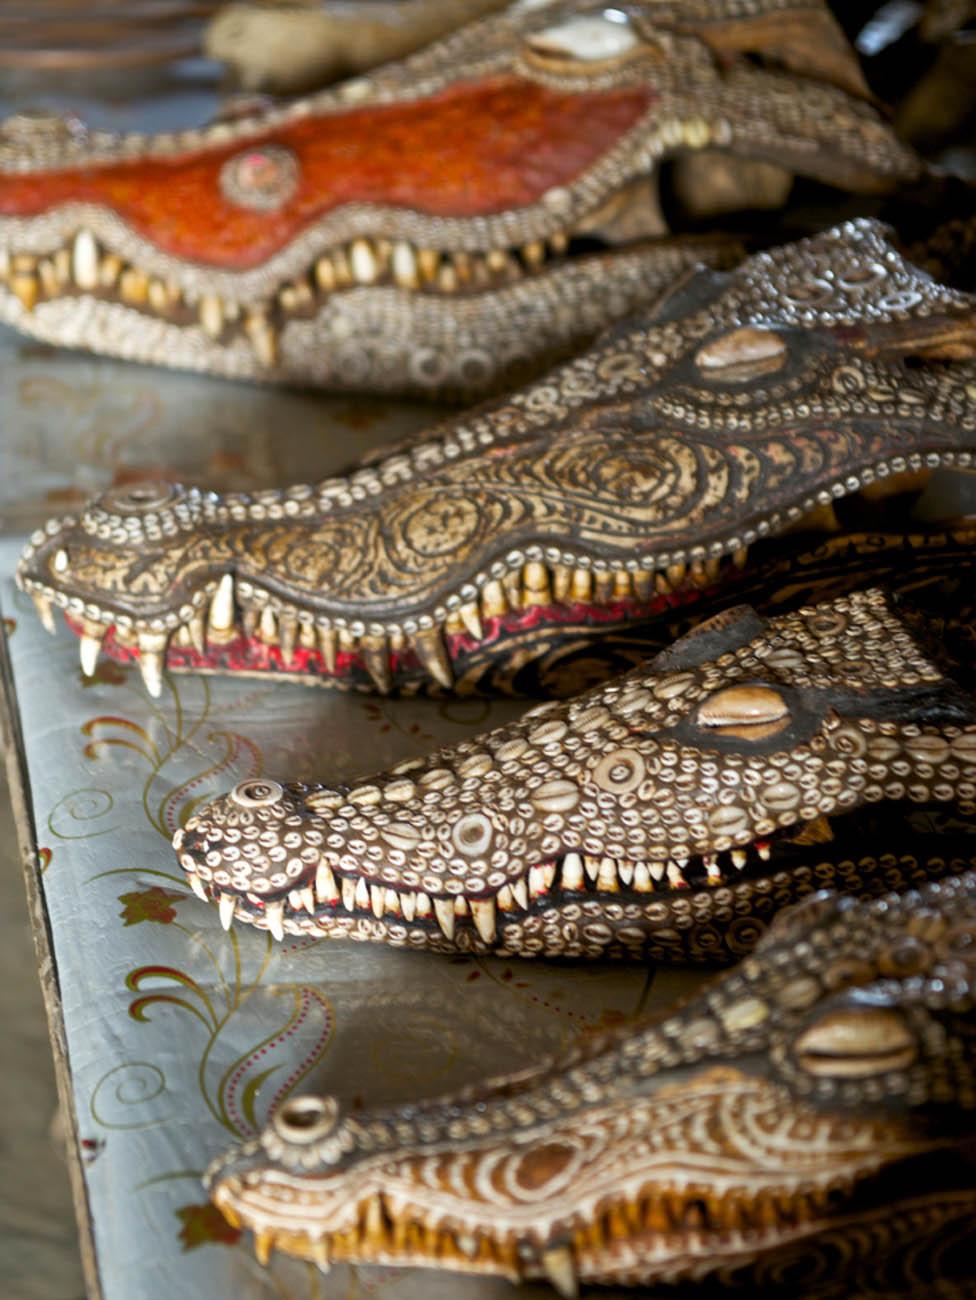 Cabezas de cocodrilo decoradas en Kaminimbit